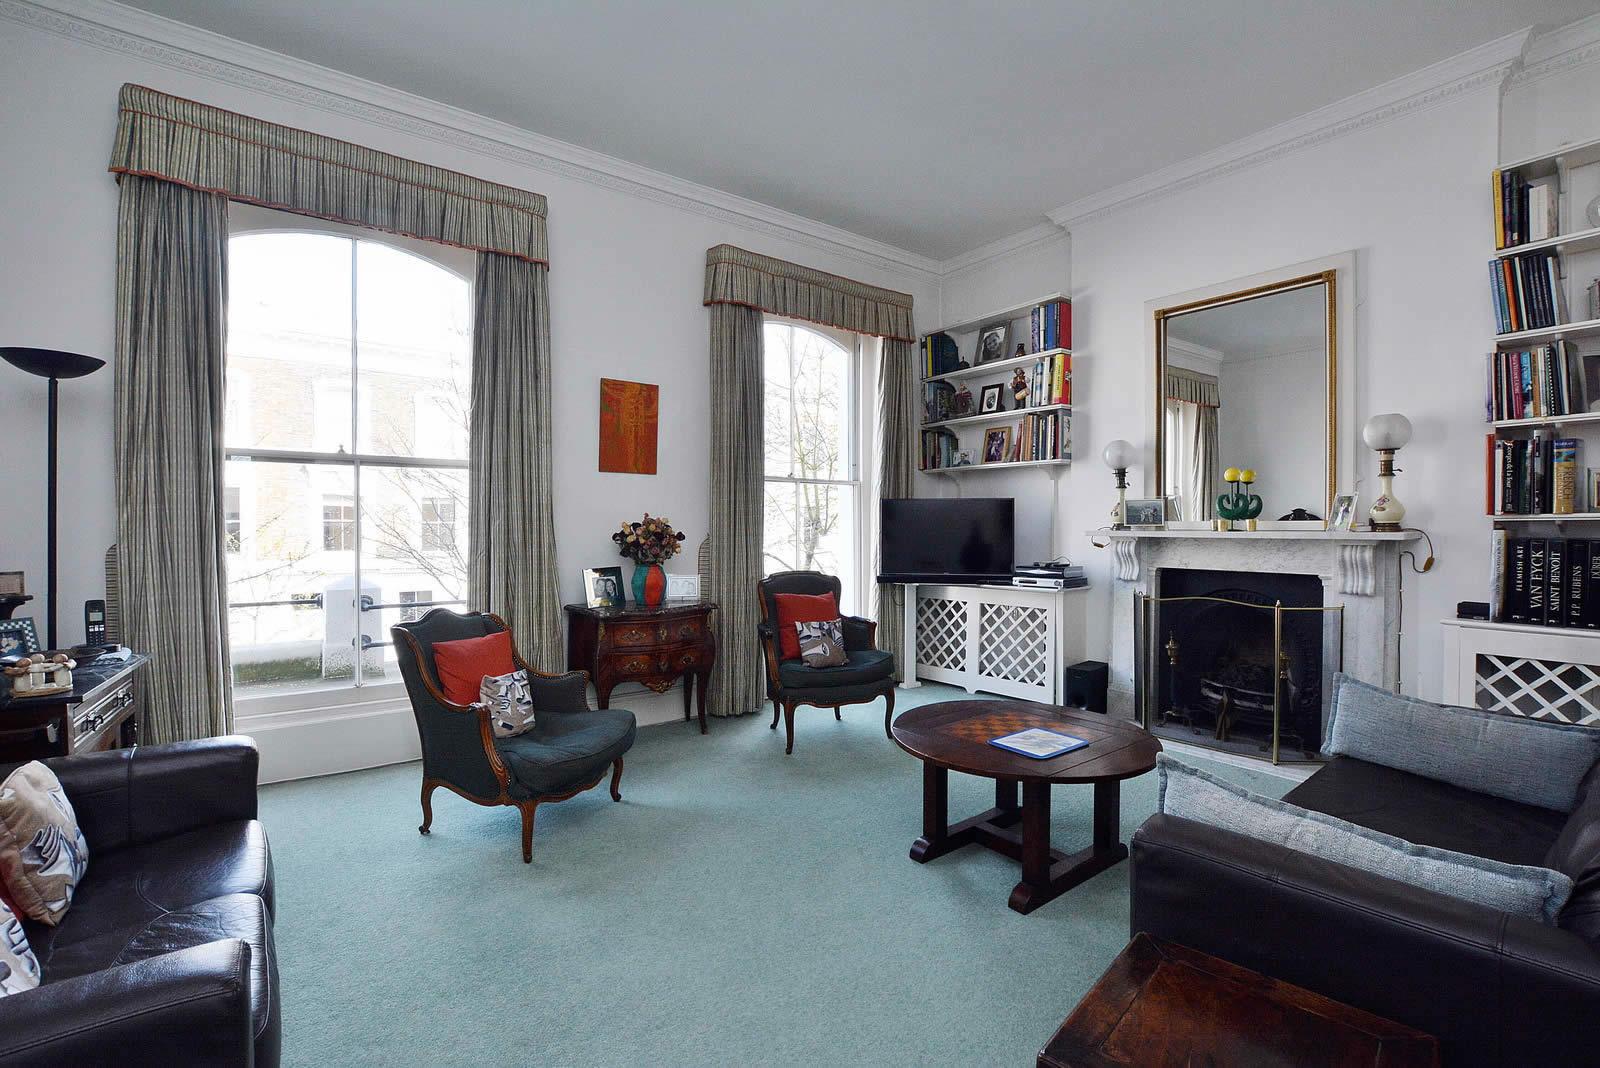 Maison familiale vendre kensington londres 2 terrasses 1 jardin privatif 5 chambres et - Chambre familiale londres ...